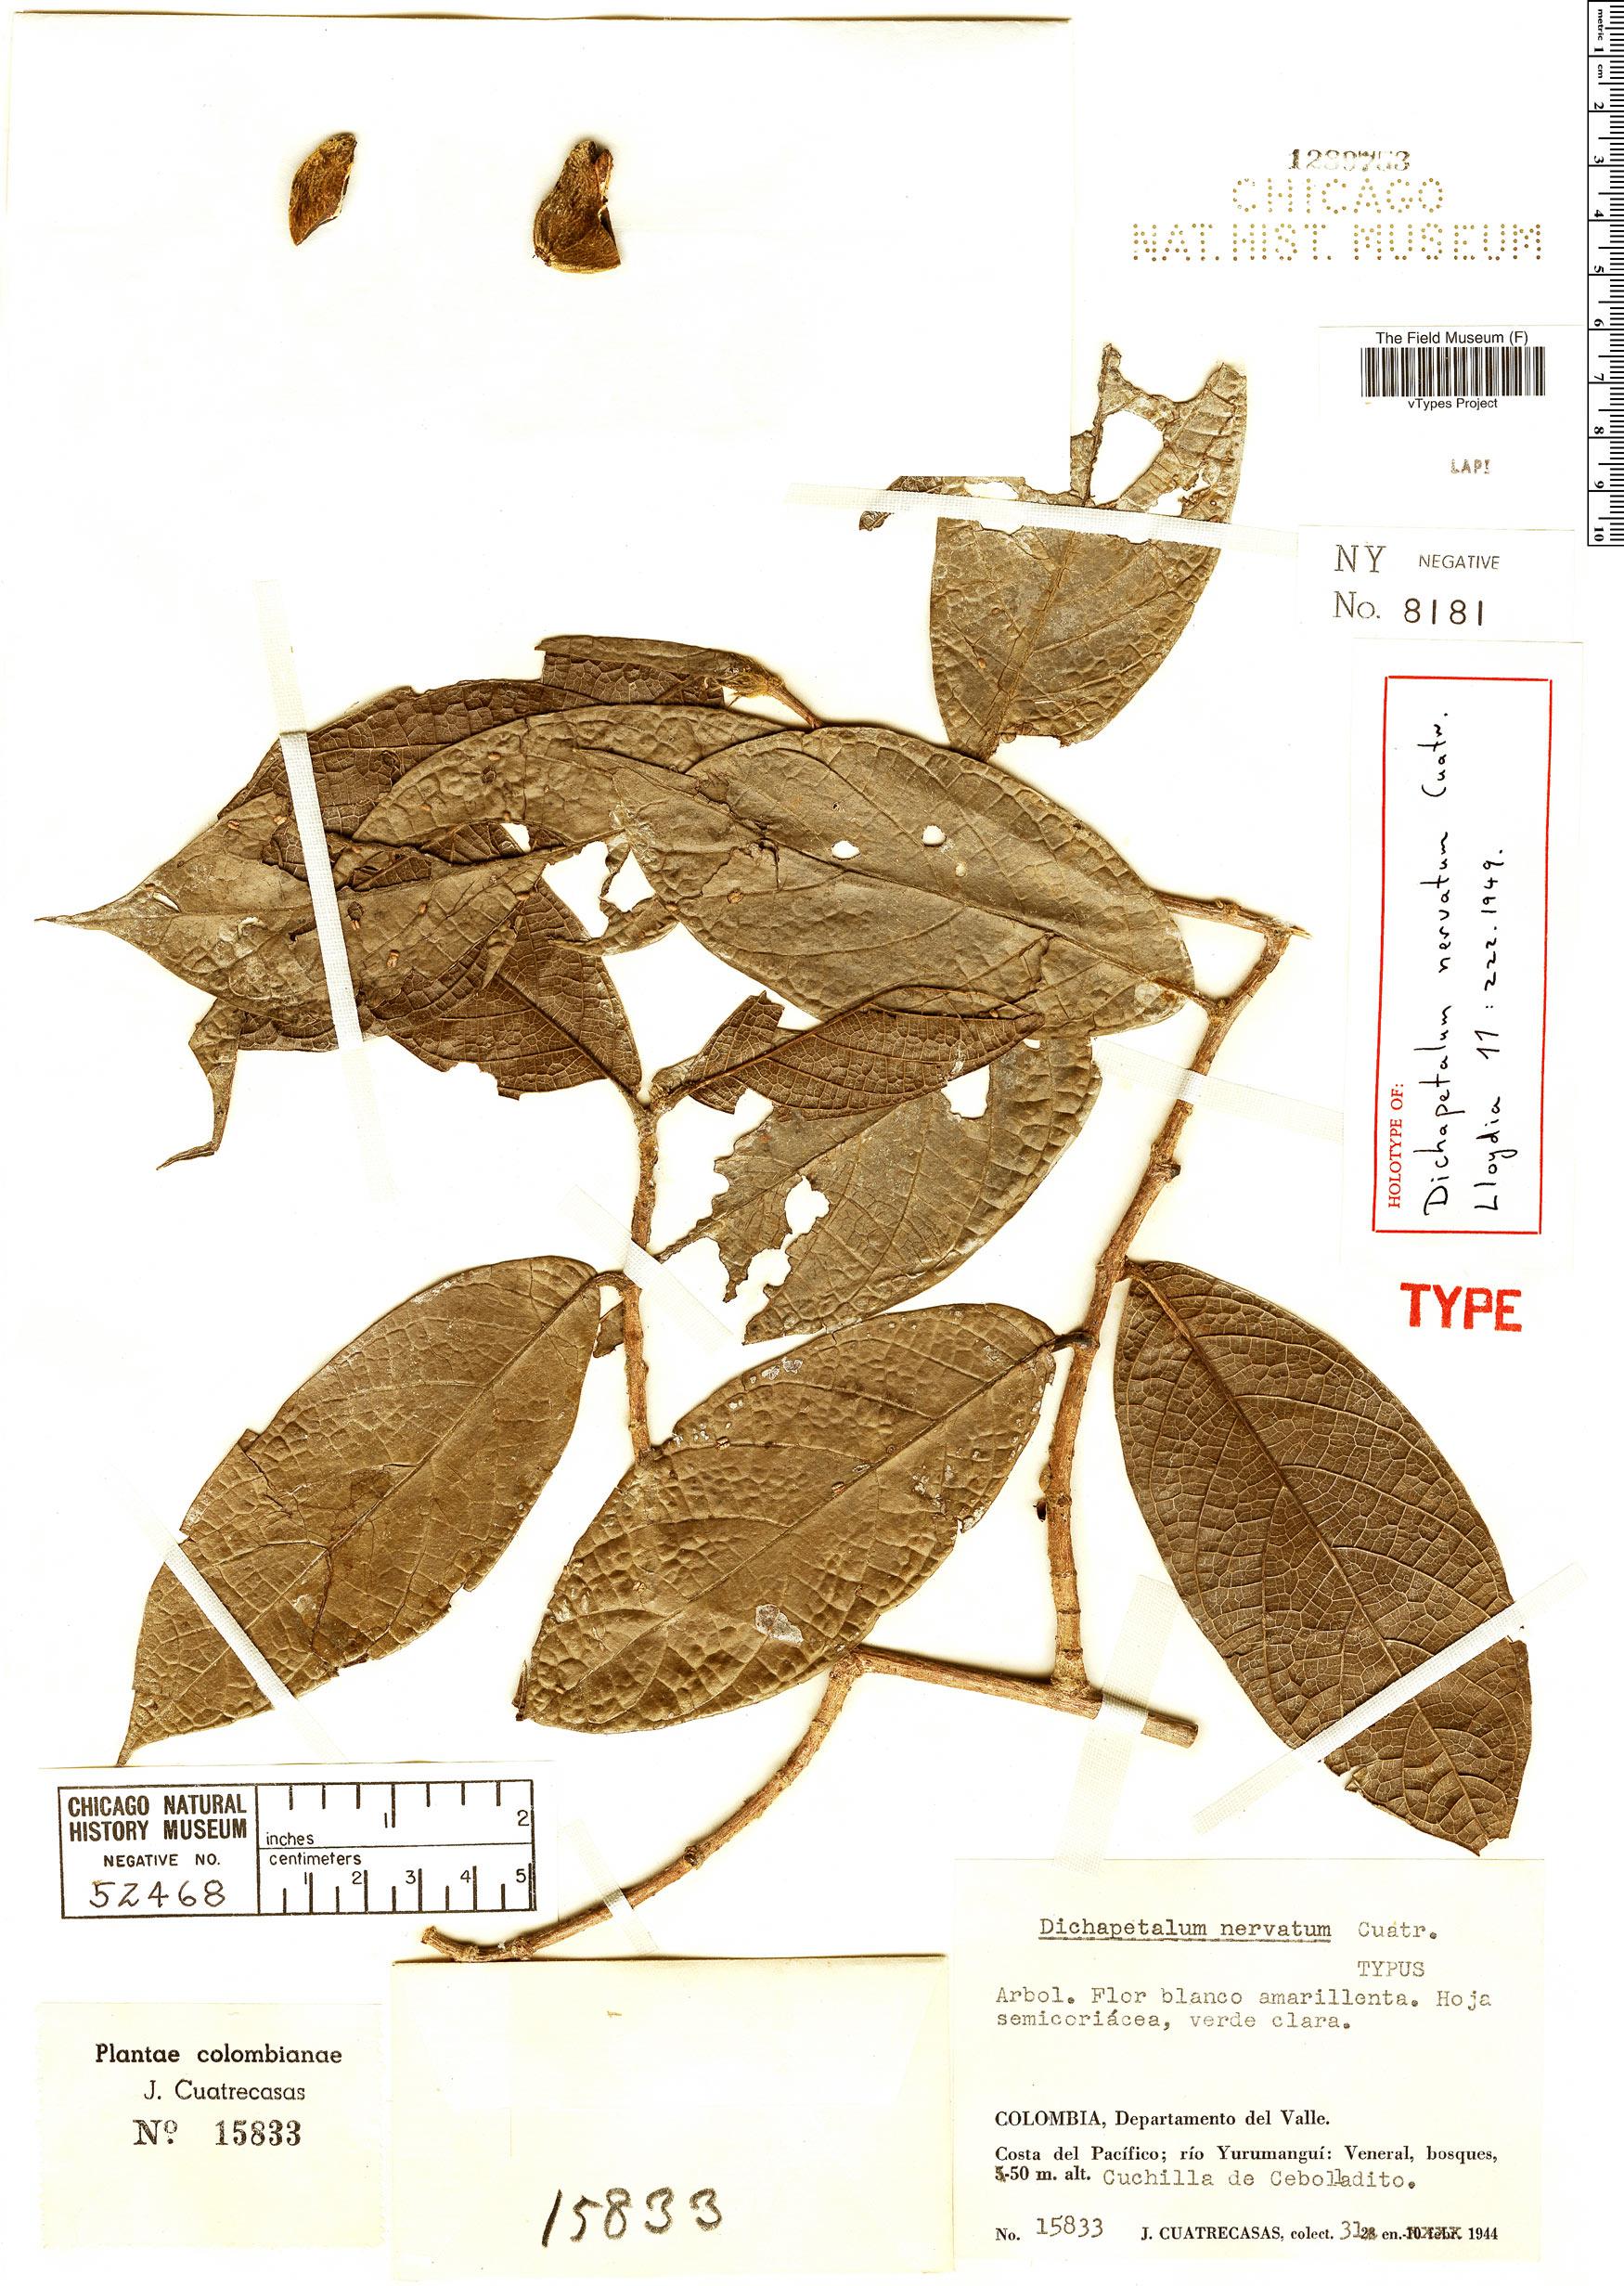 Specimen: Dichapetalum nervatum